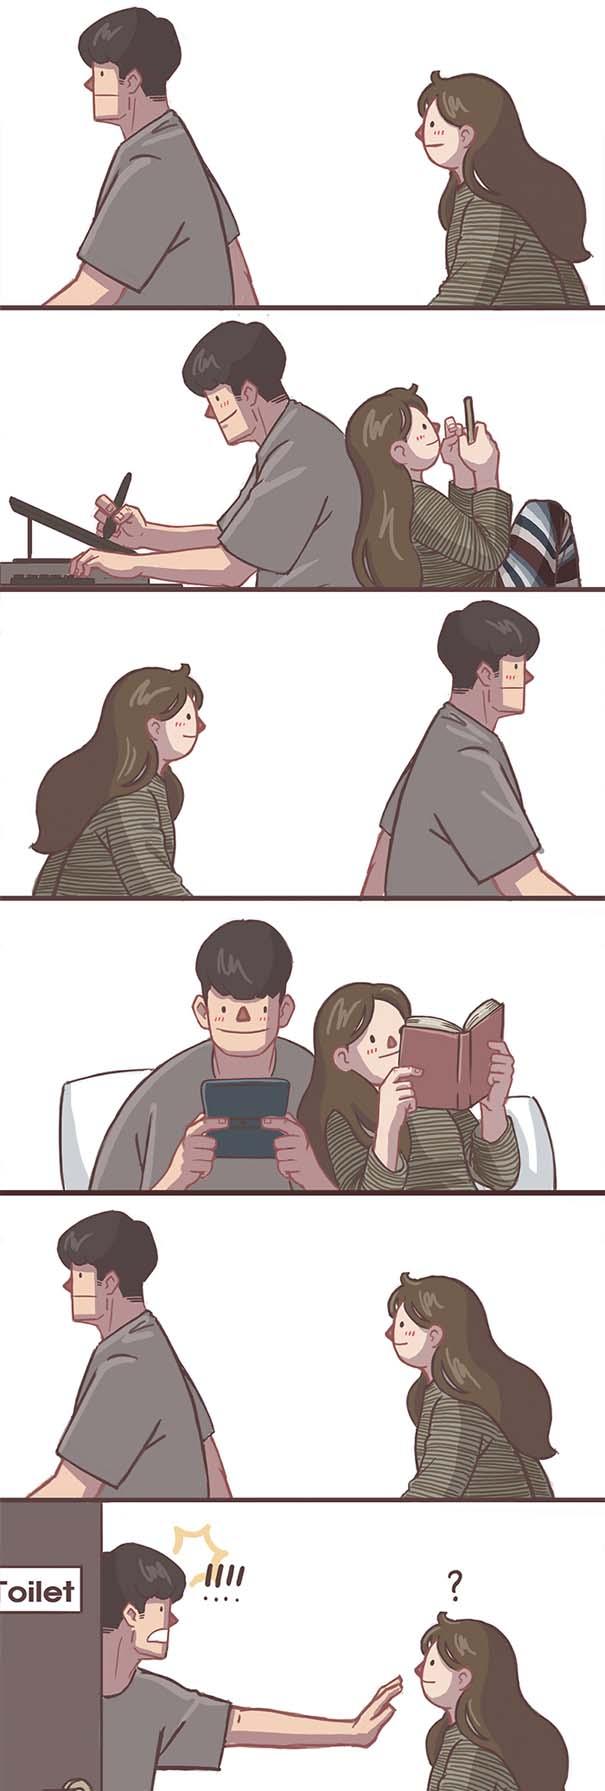 Σκίτσα με τα οποία κάθε αυτοκόλλητο ζευγάρι θα ταυτιστεί (18)